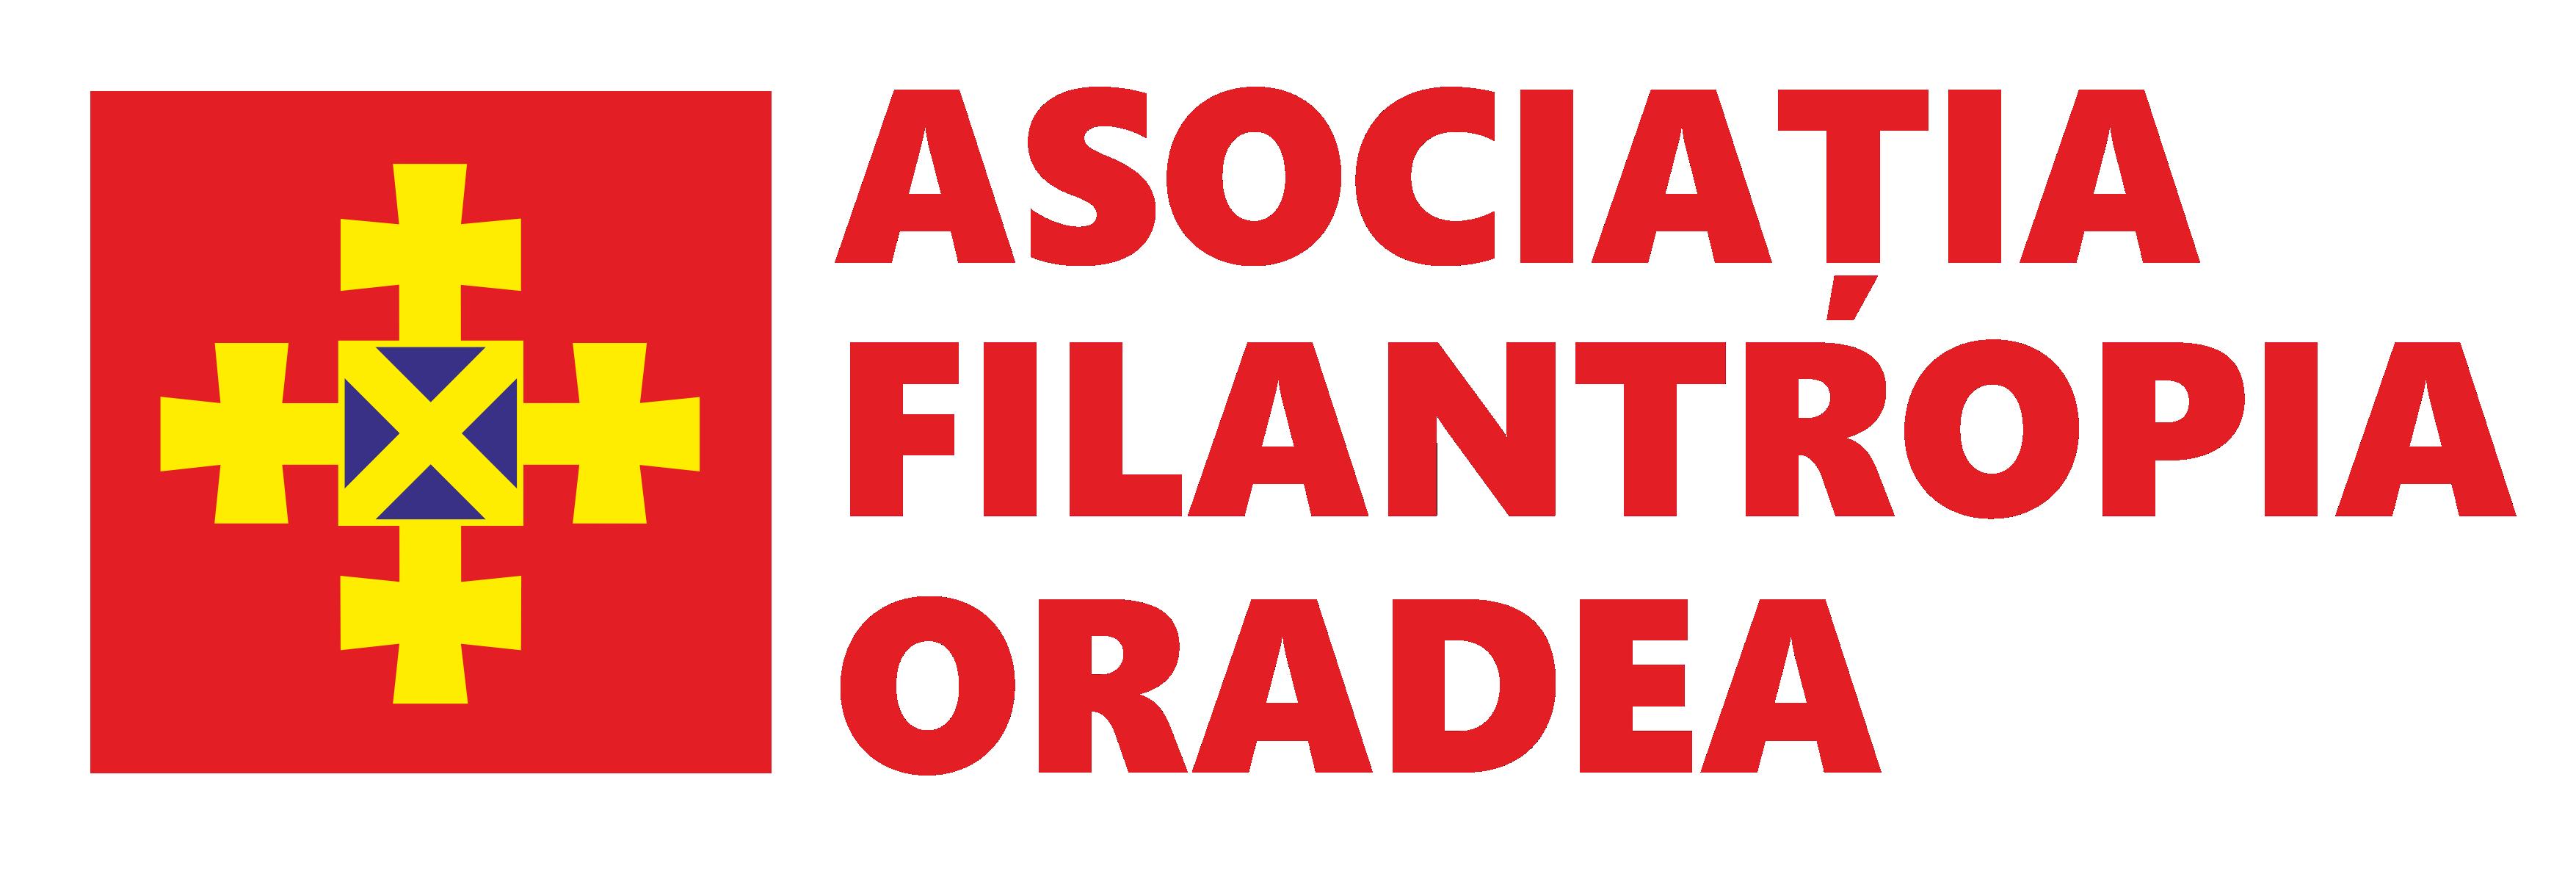 Asociația Filantropia Oradea logo